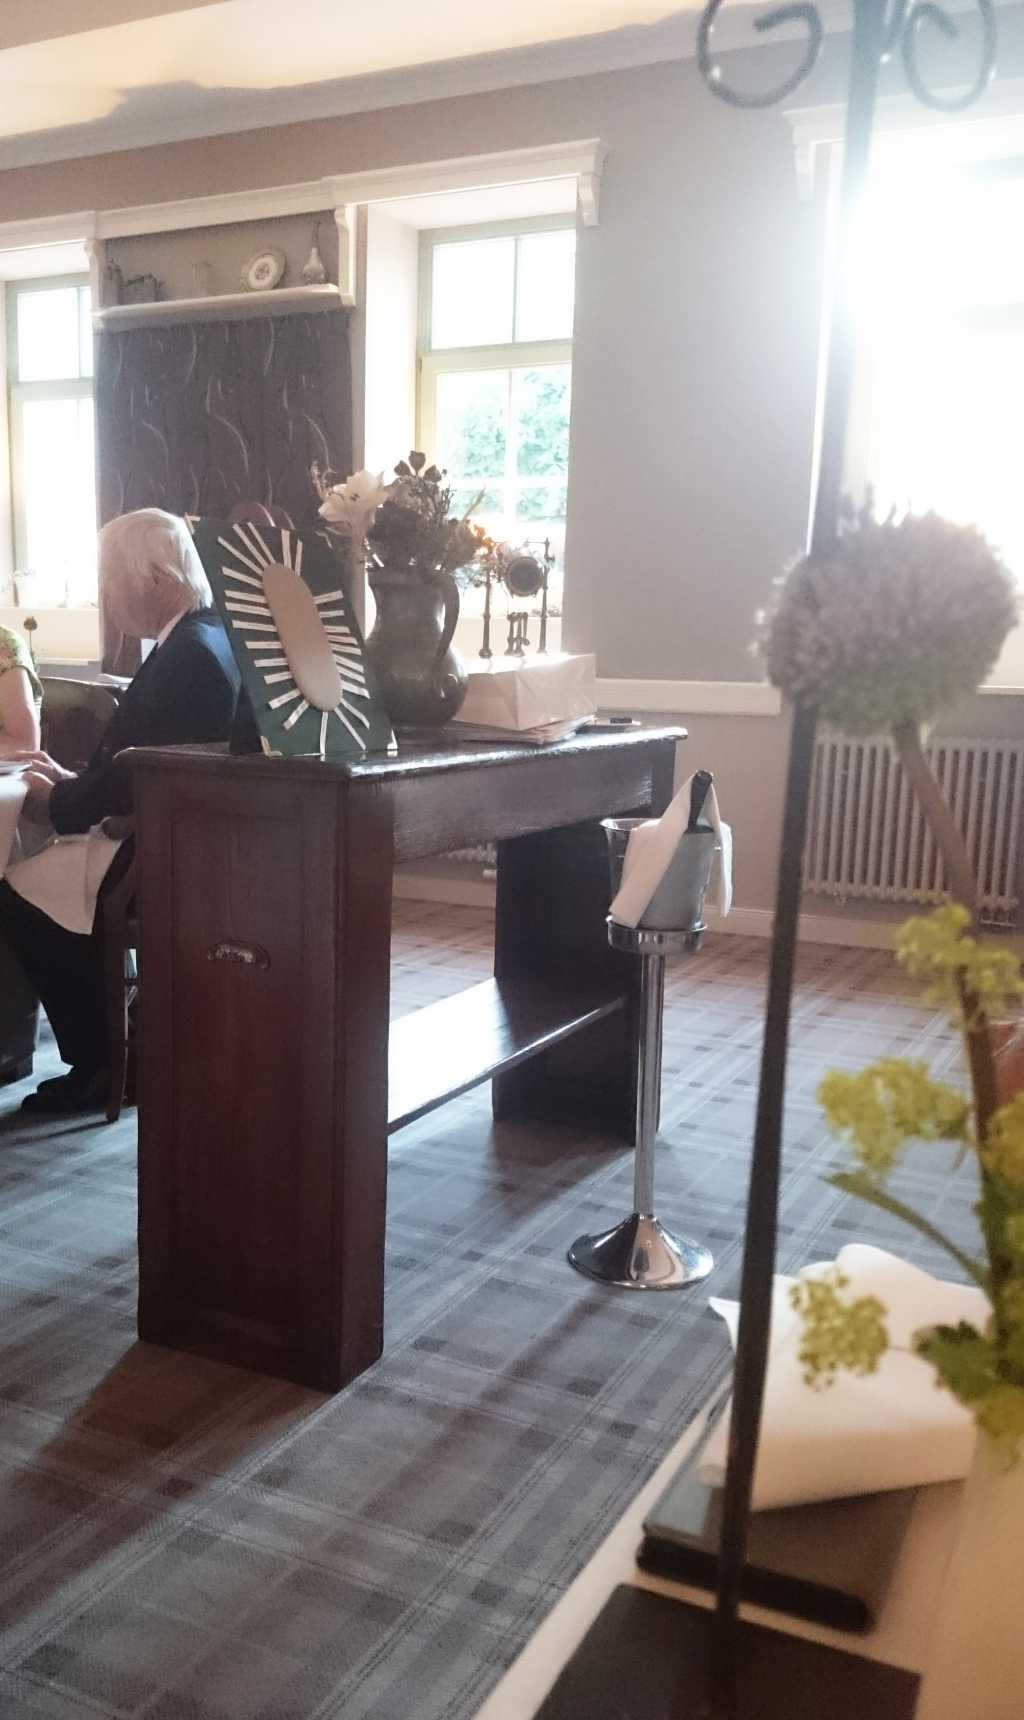 Tischordnung anderer Gäste und unser ferner Wein